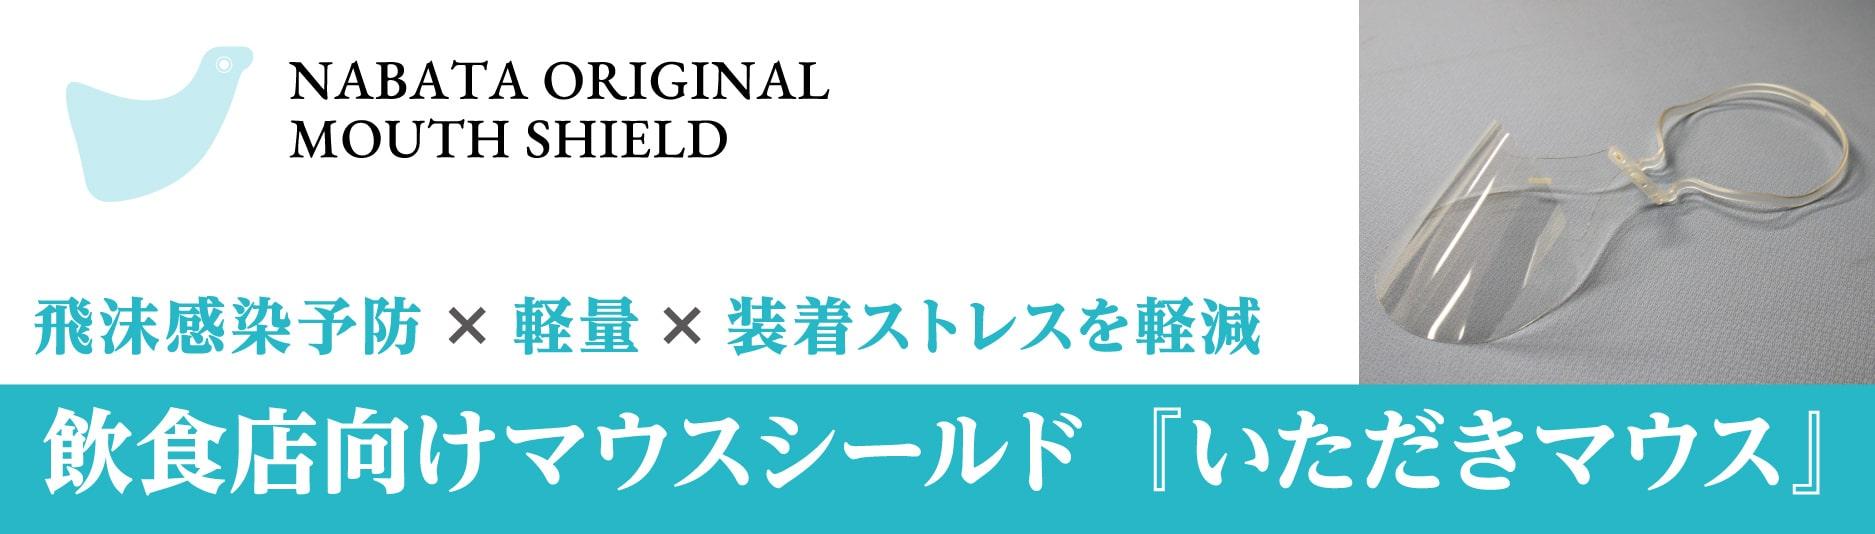 飲食専用マウスシールド『いただきマウス』発売!